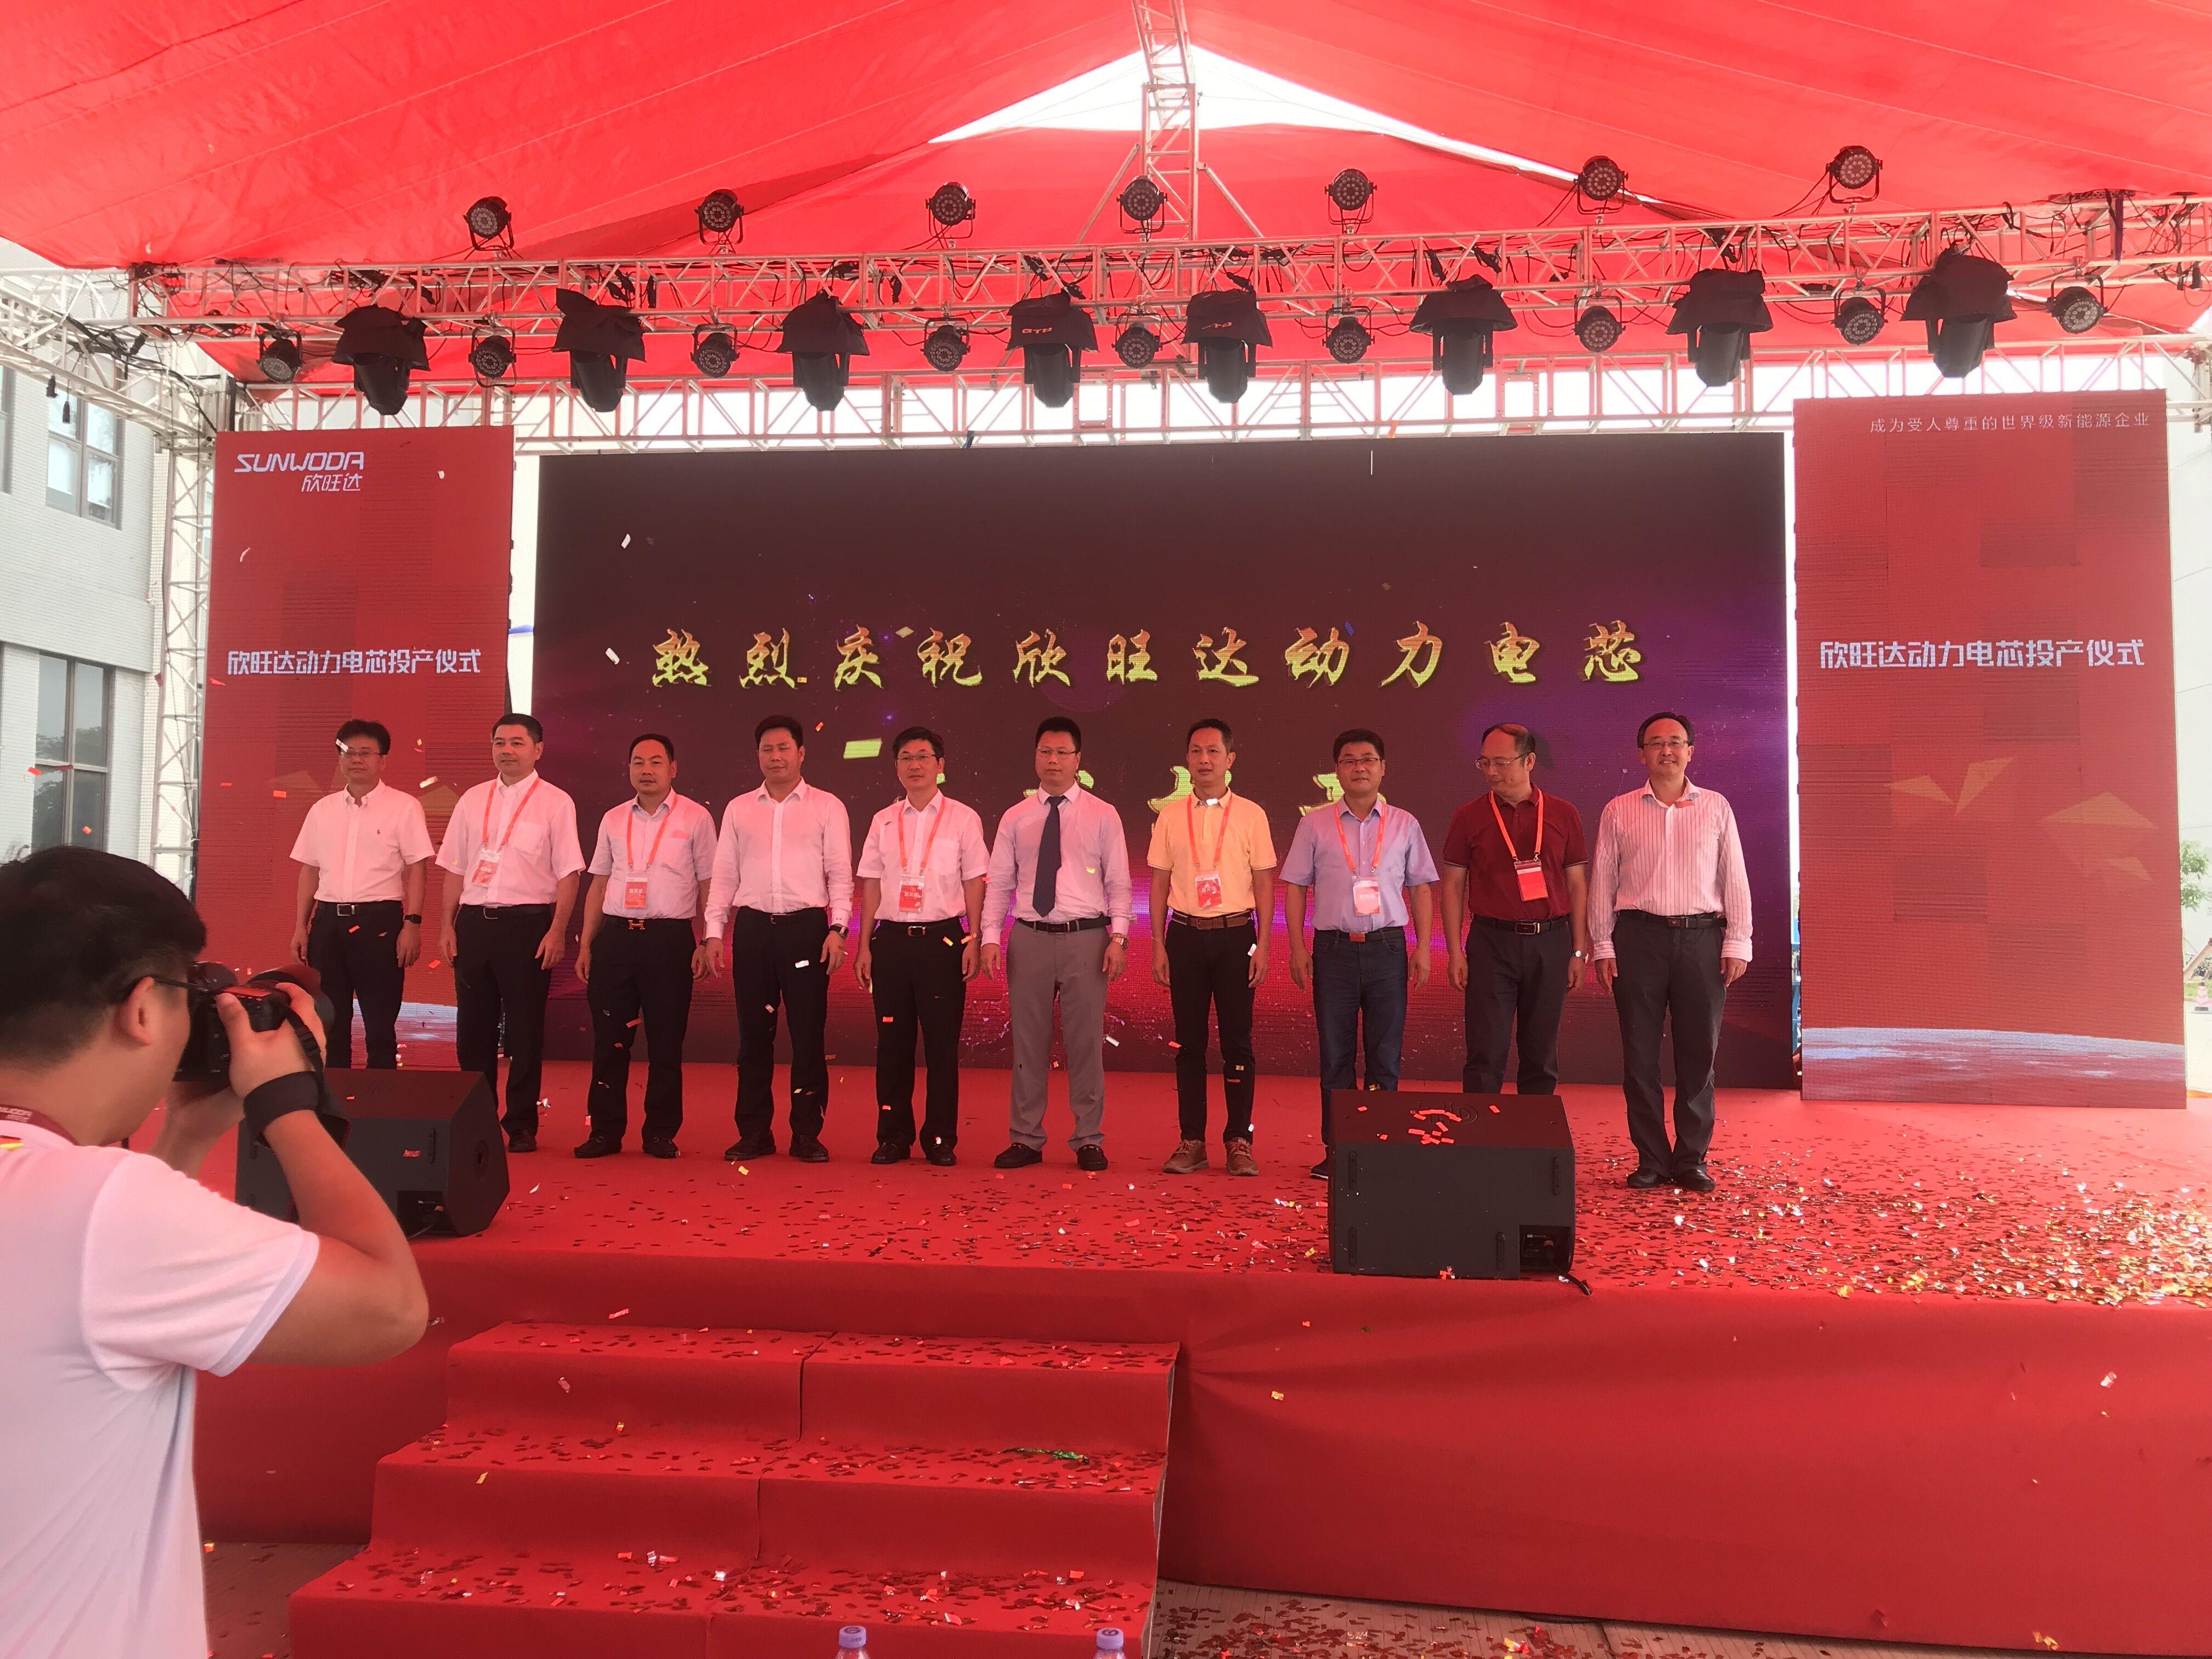 欣旺达2Gwh动力电池投产 2018学术论坛在东莞观澜湖酒店举办